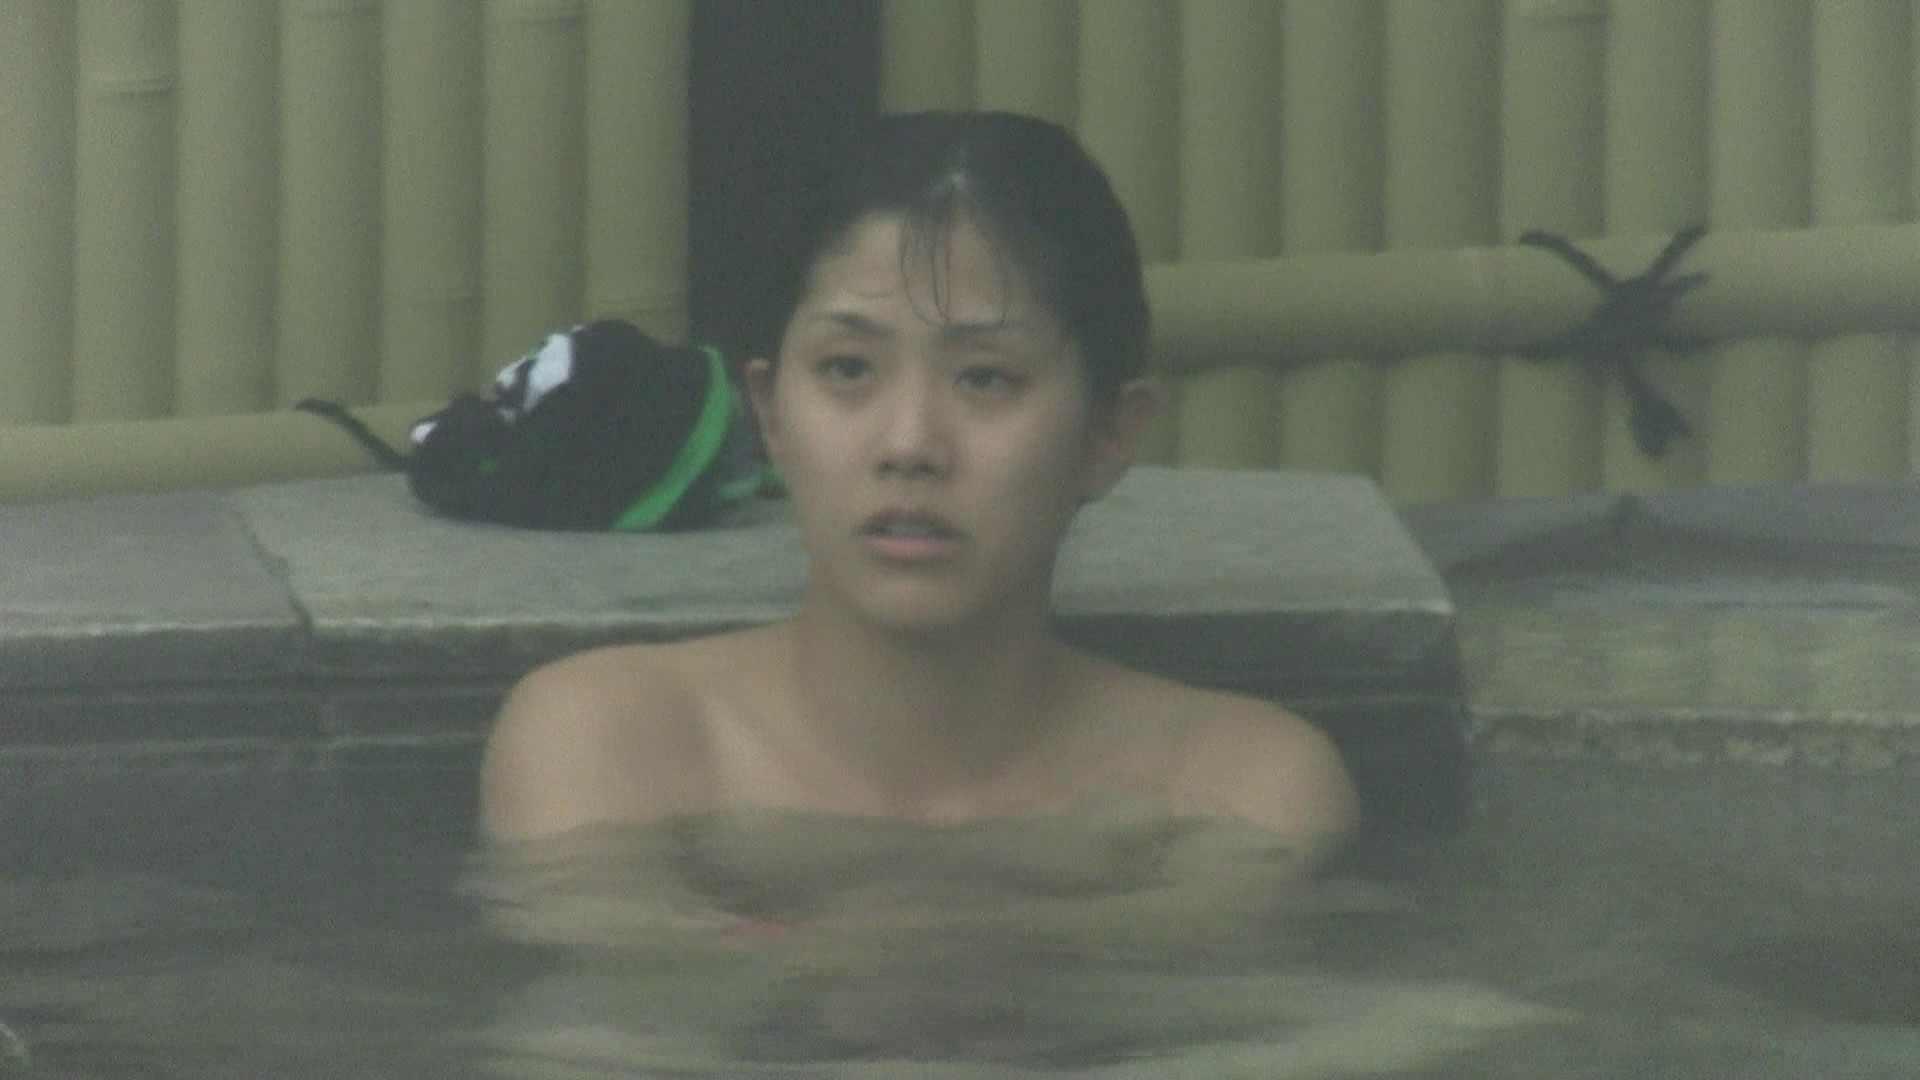 Aquaな露天風呂Vol.174 盗撮シリーズ  86PIX 56